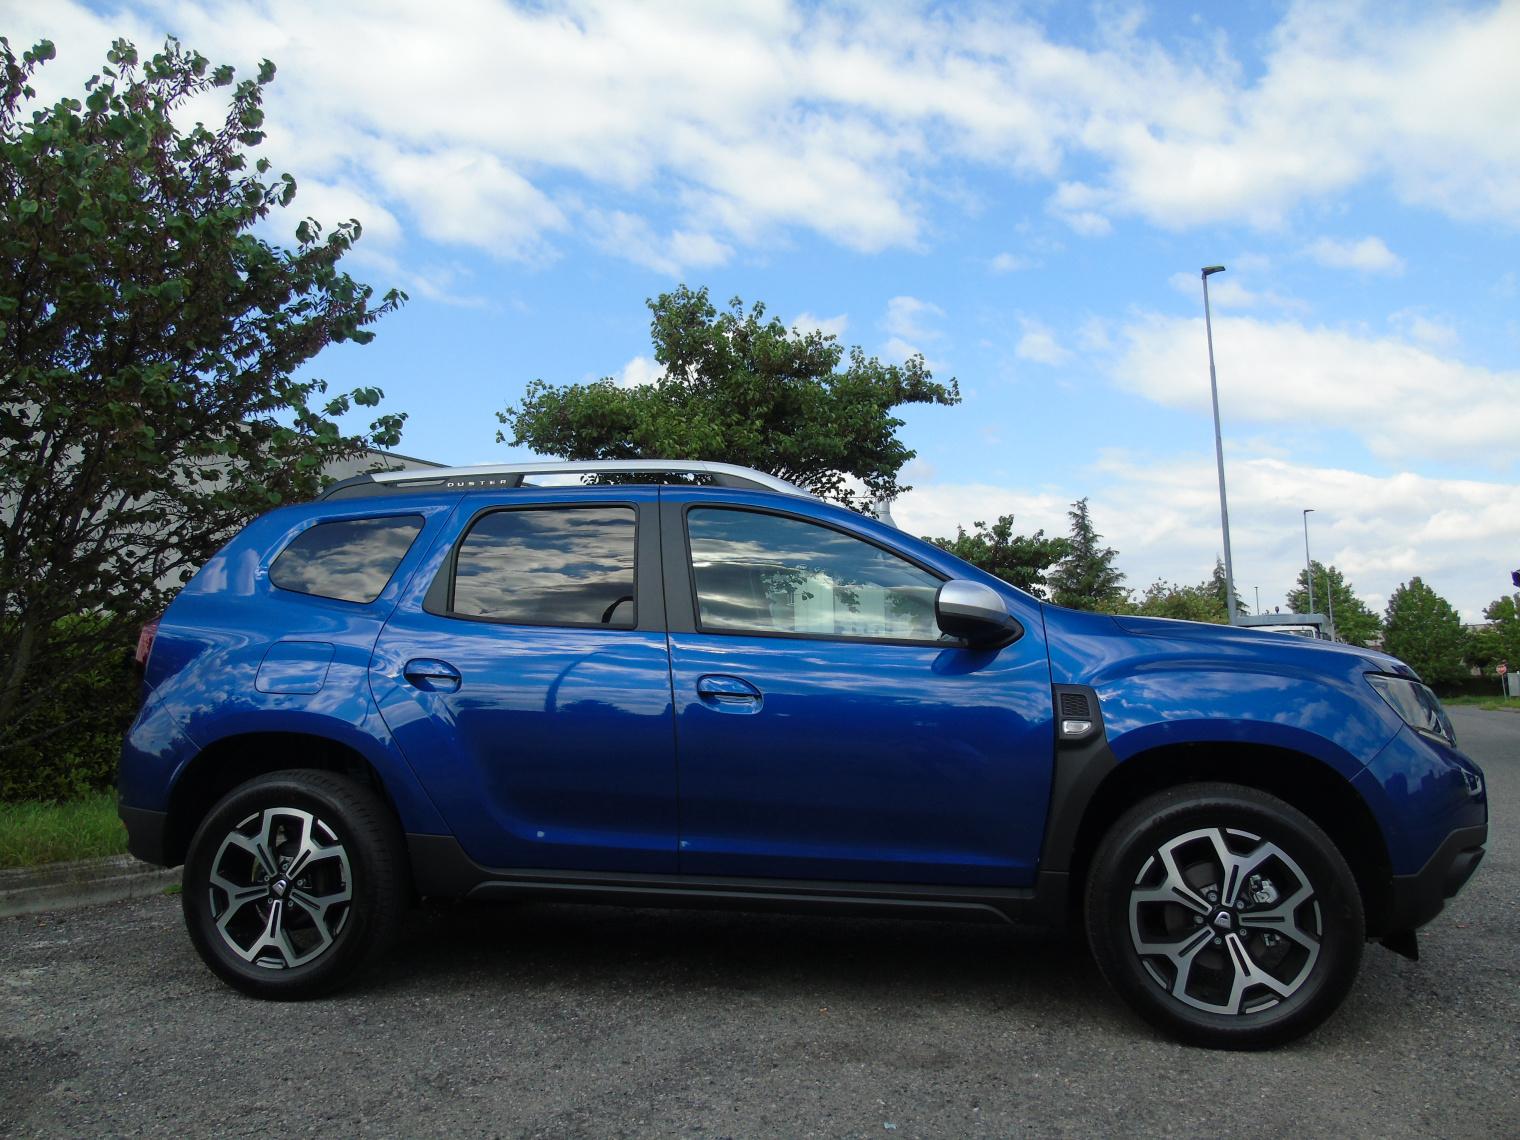 Esterni nuova Dacia Duster GPL